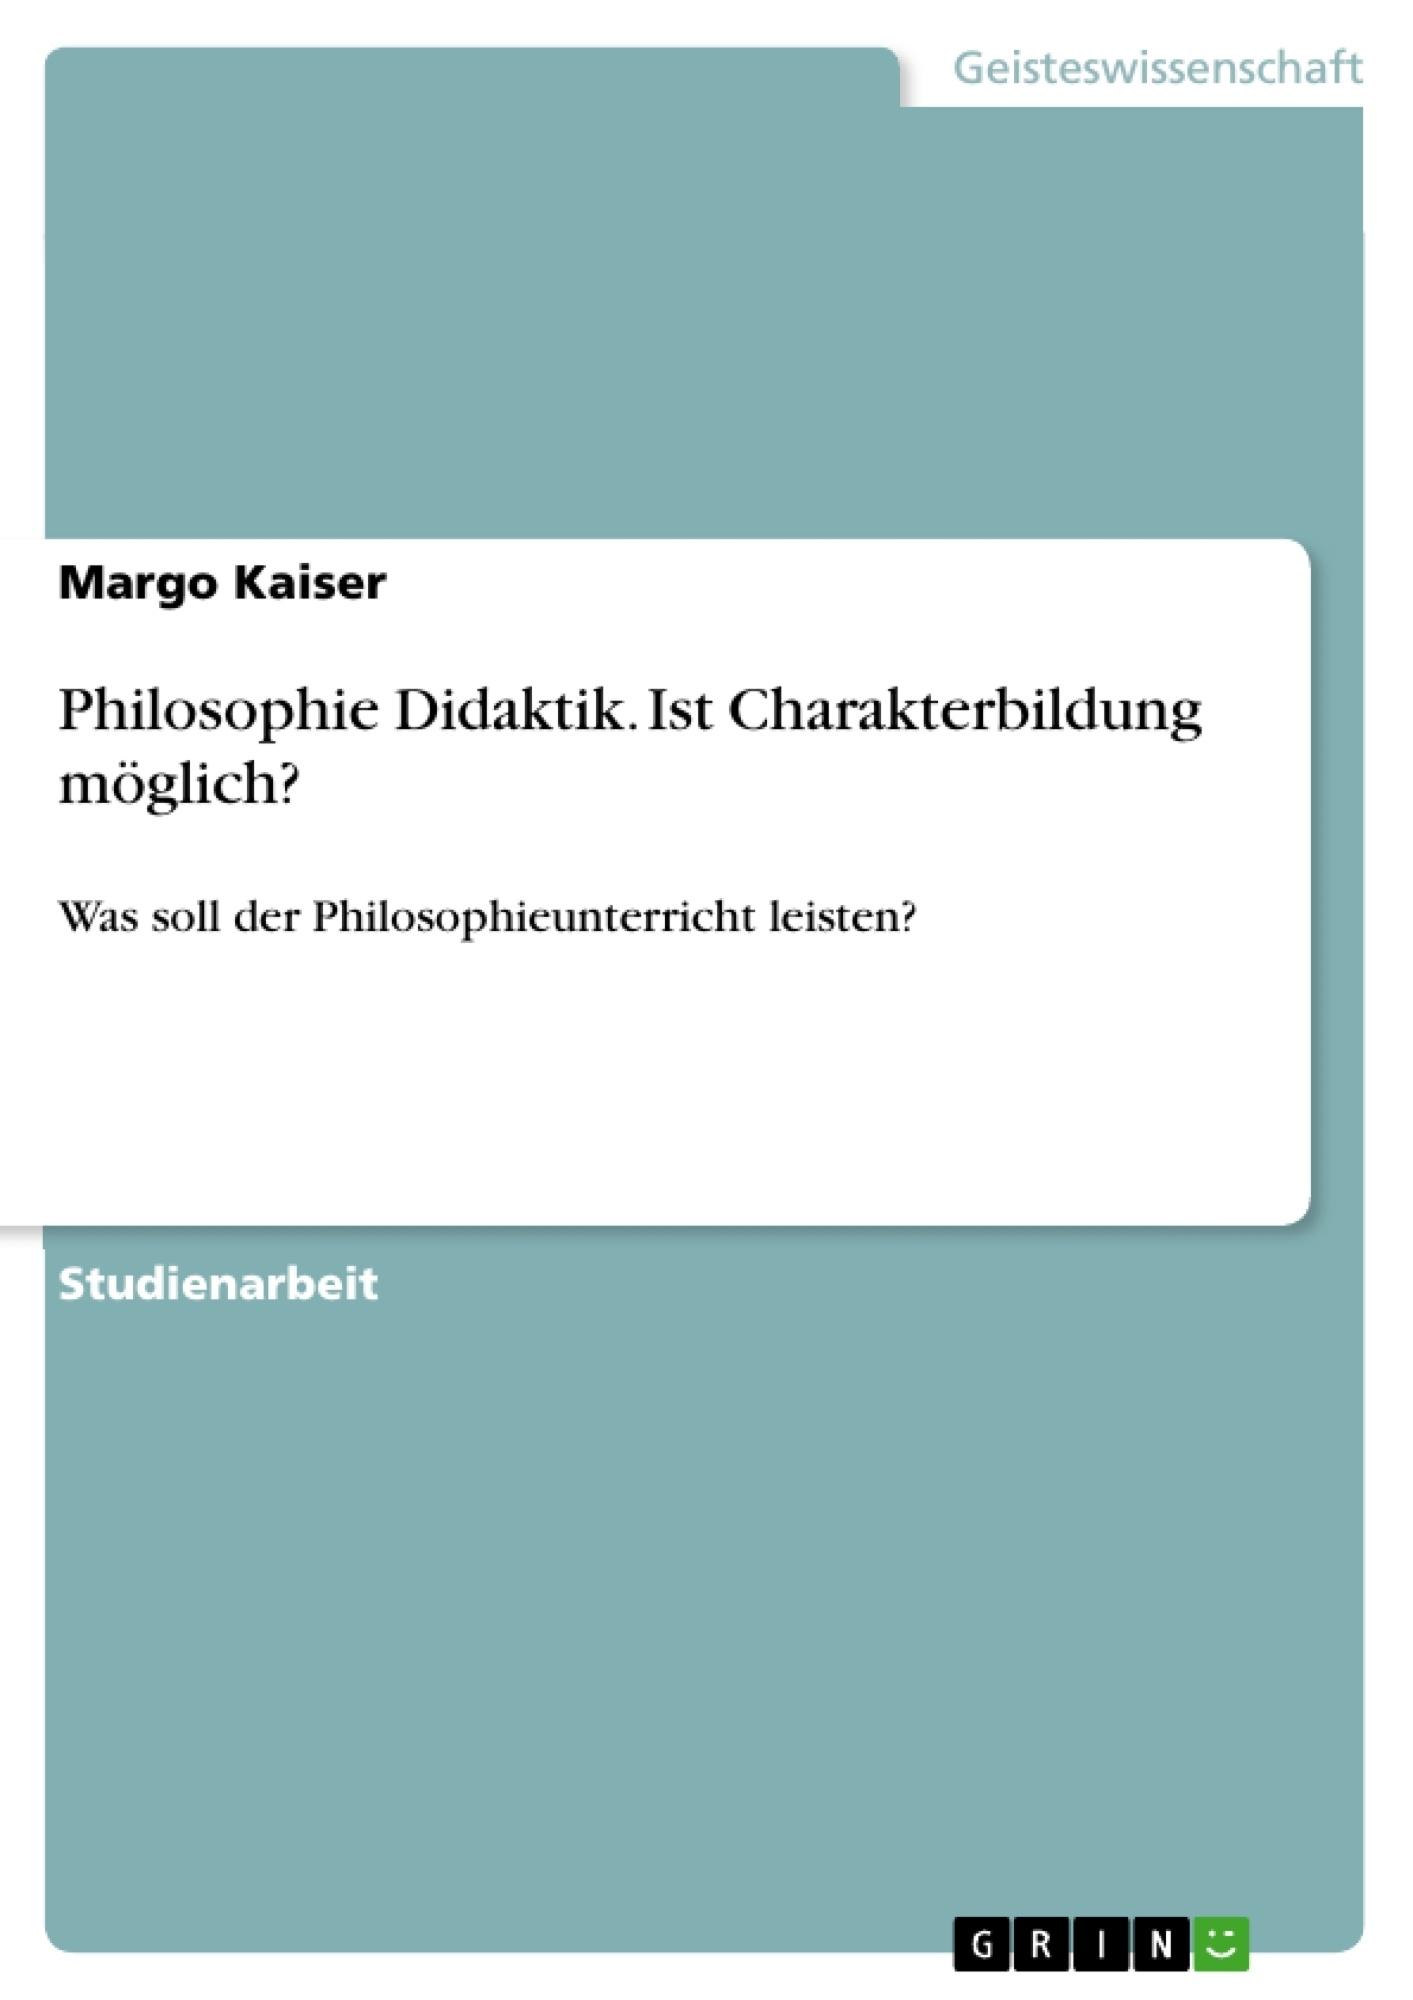 Titel: Philosophie Didaktik. Ist Charakterbildung möglich?